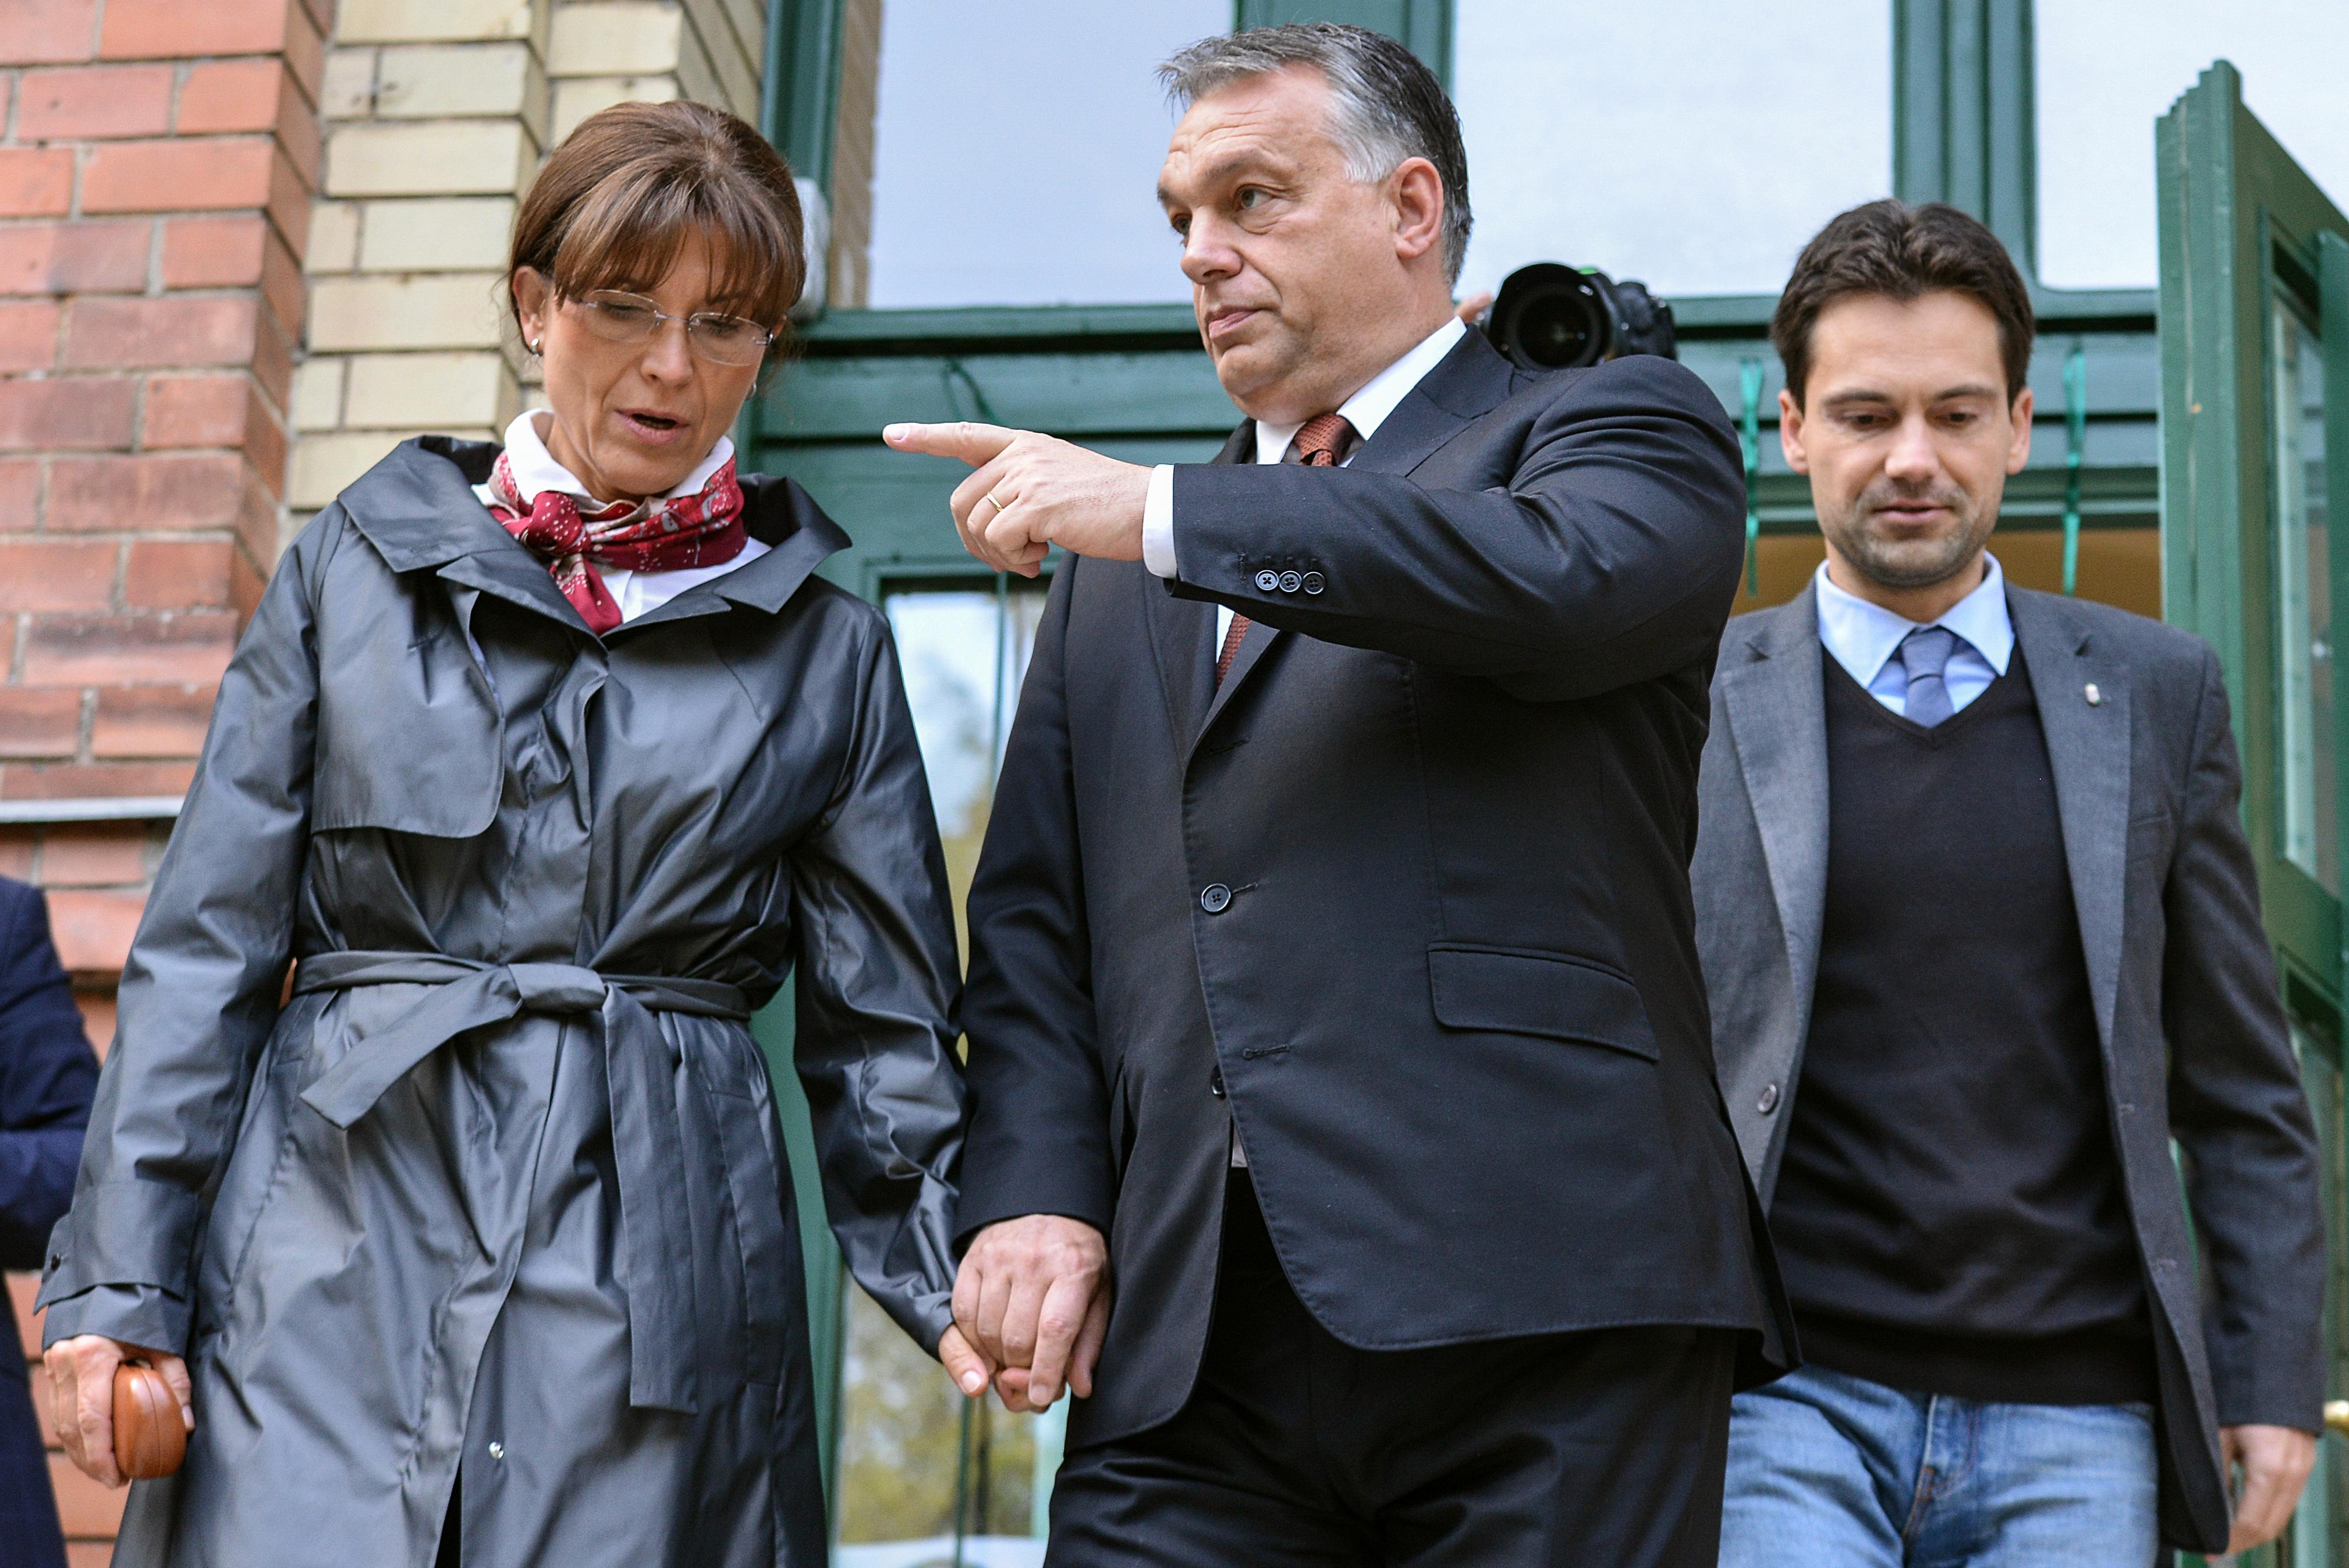 Vona felesége Lévai Anikónak: Anyaként kérem Önt arra, hogy állítsa le a férjét